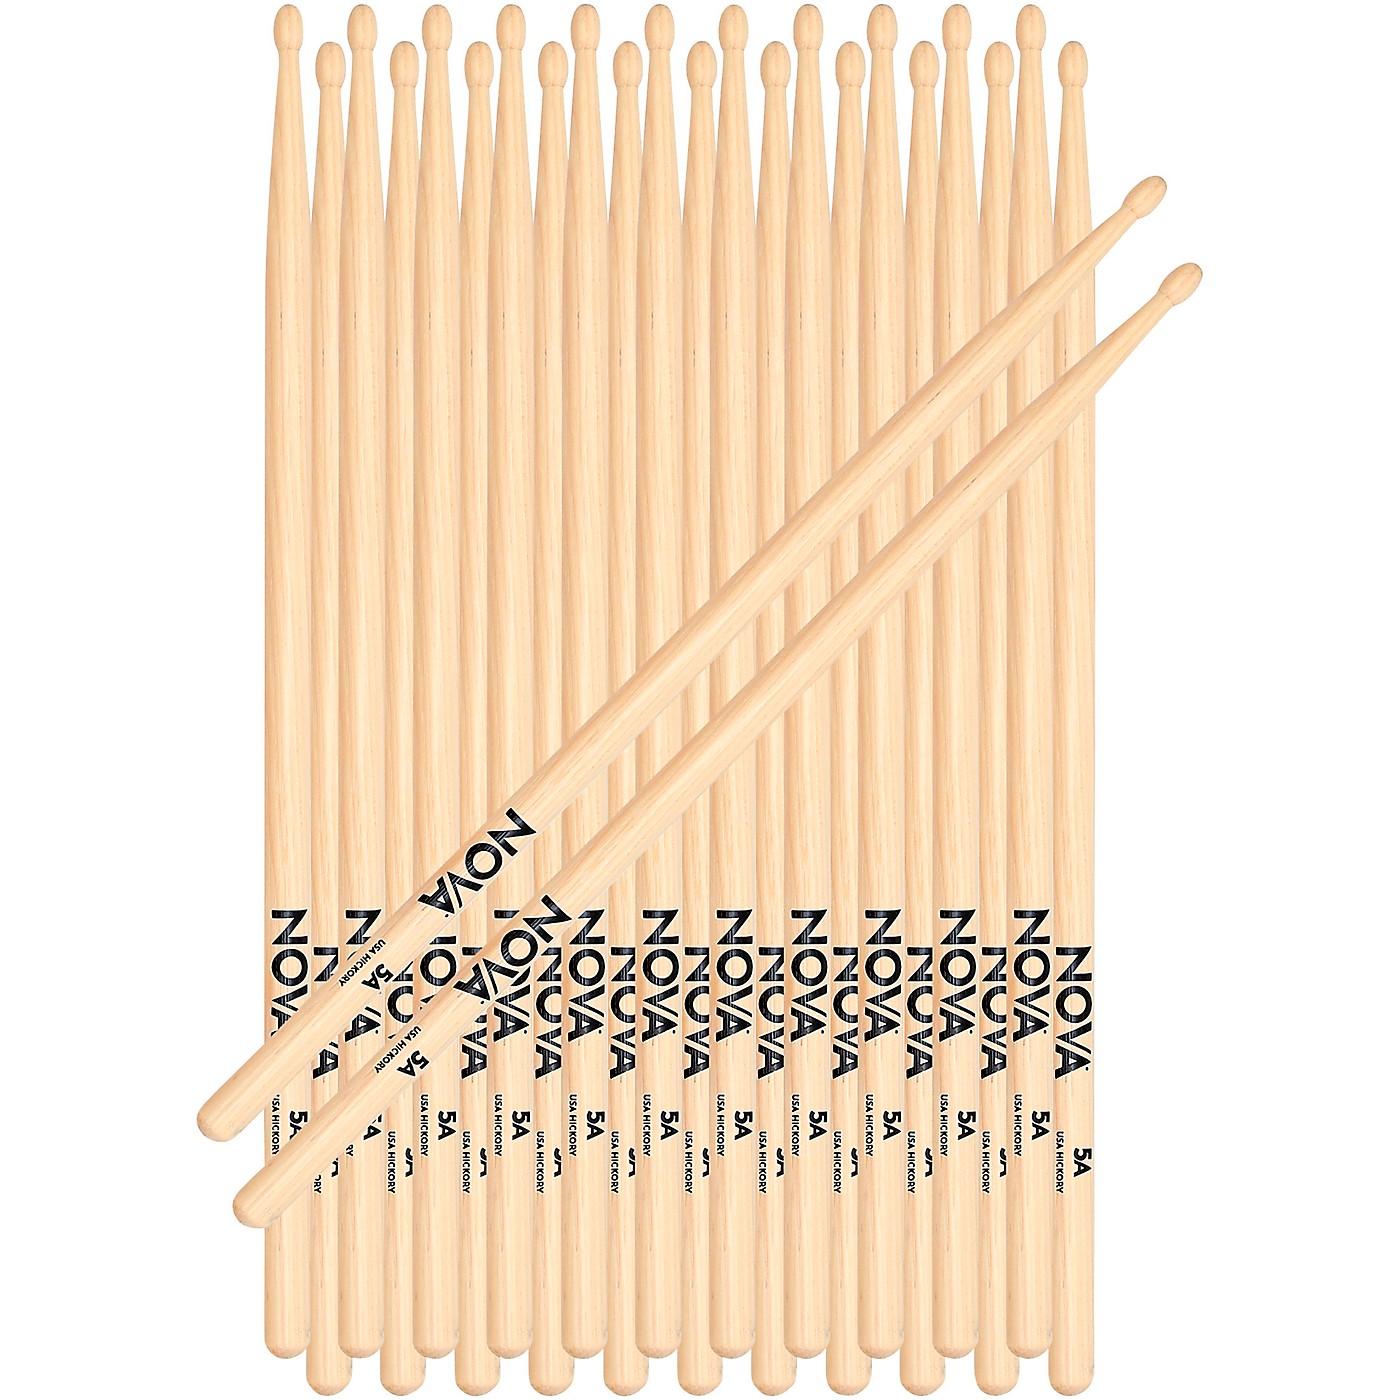 Nova Drum Stick 12 Pack thumbnail